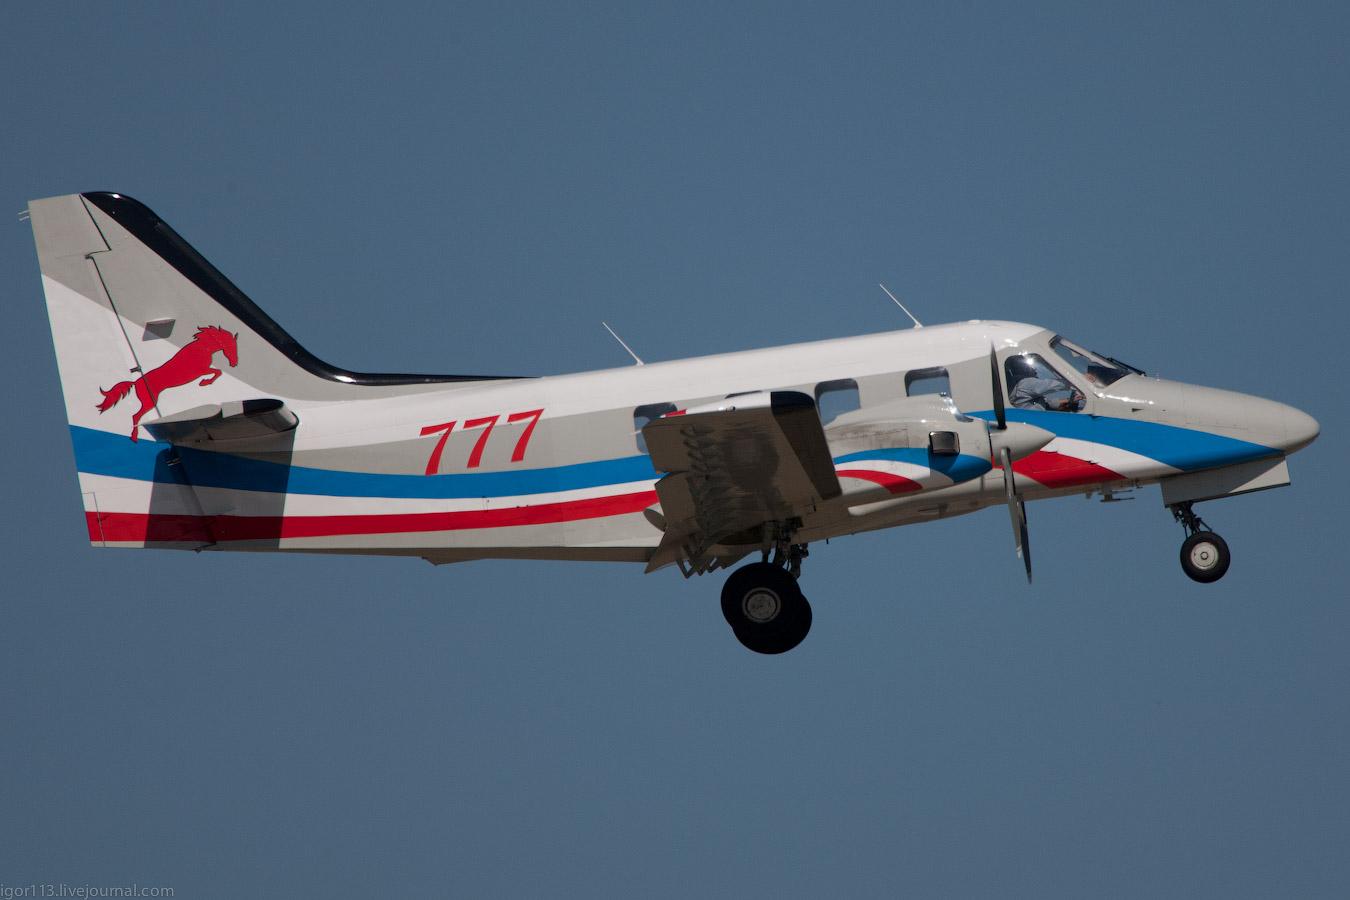 Самолет «Рысачок» до конца года пройдет испытания в Ахтубинске